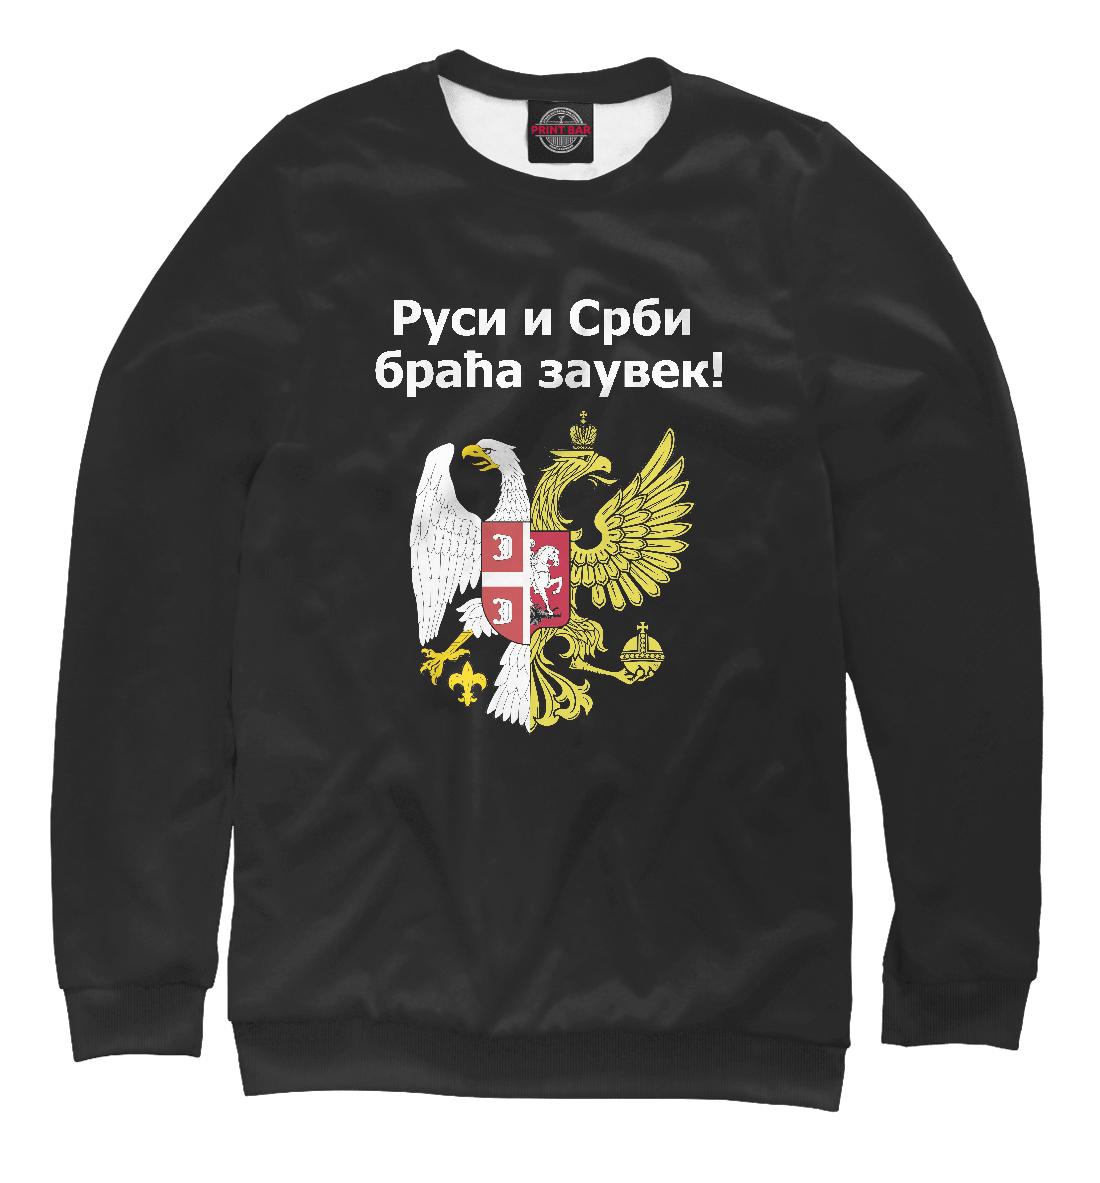 Свитшот Россия Сербия Братья Навек!